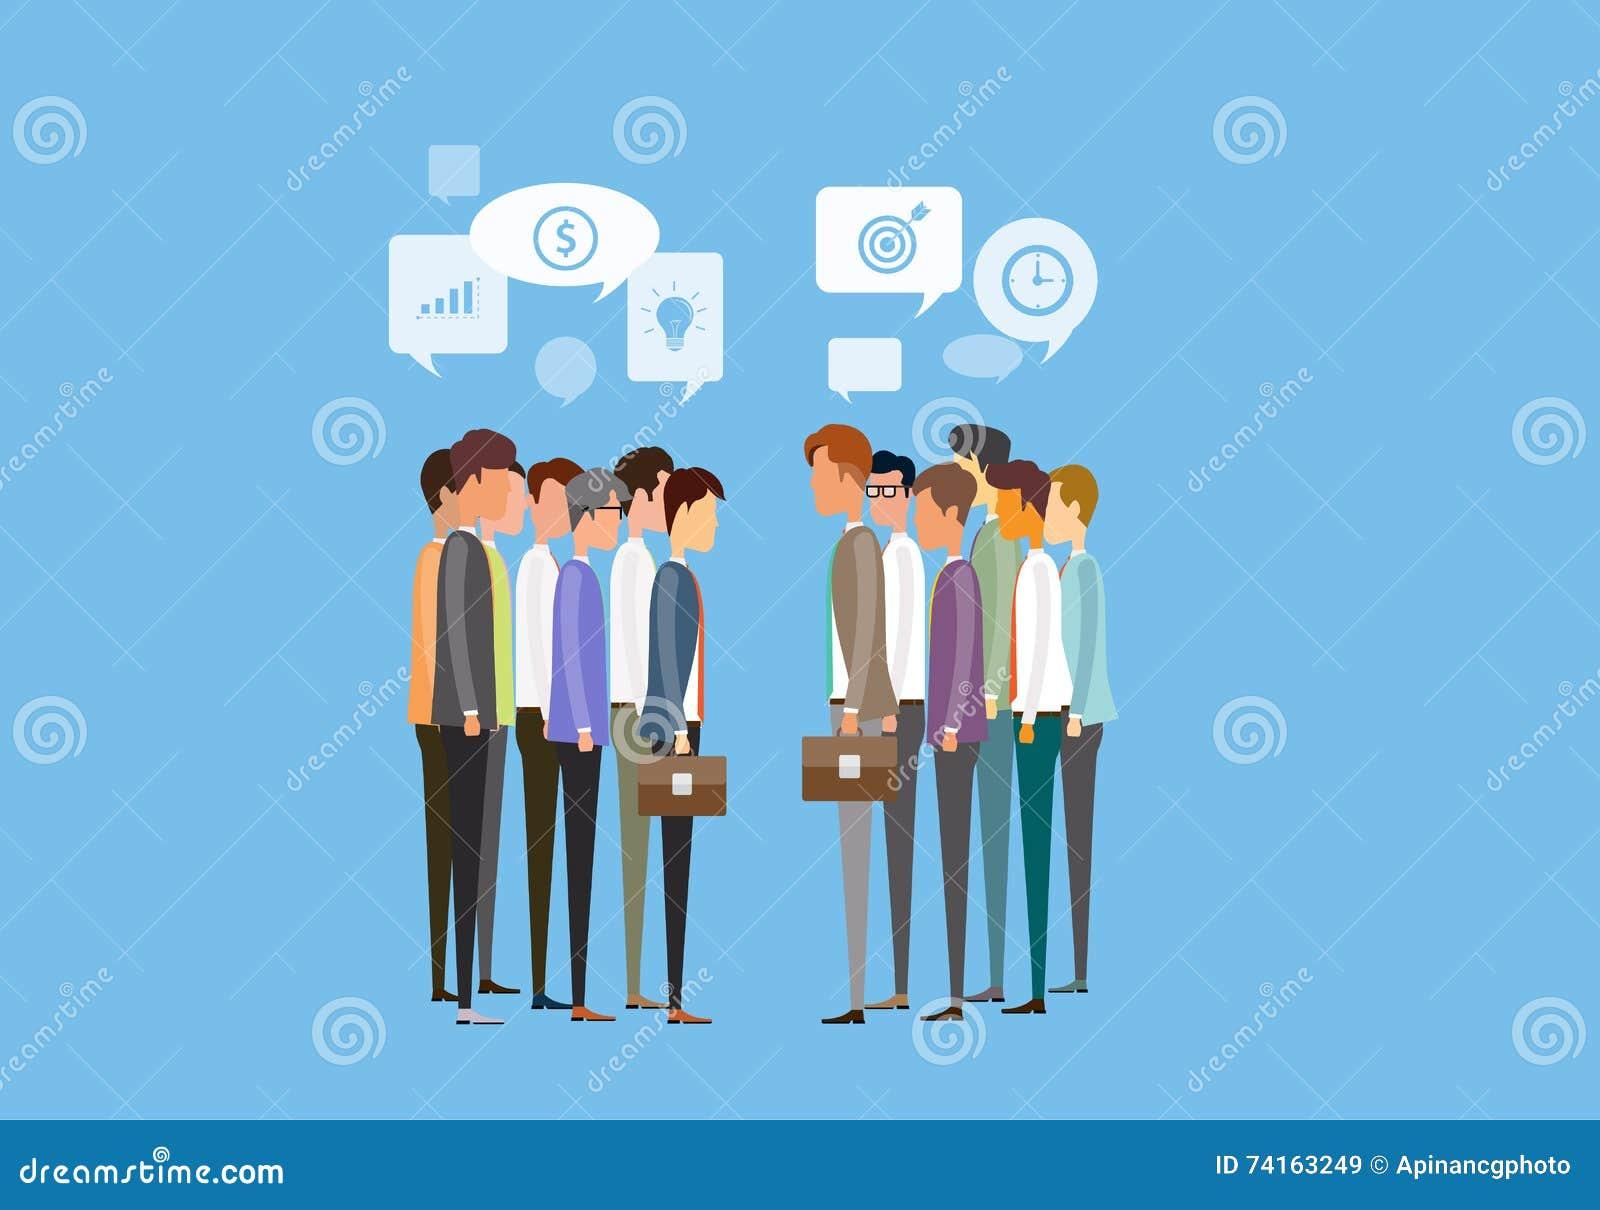 επιχειρησιακή συνεδρίαση δύο ανθρώπων ομάδας και έννοια επιχειρησιακών επικοινωνιών